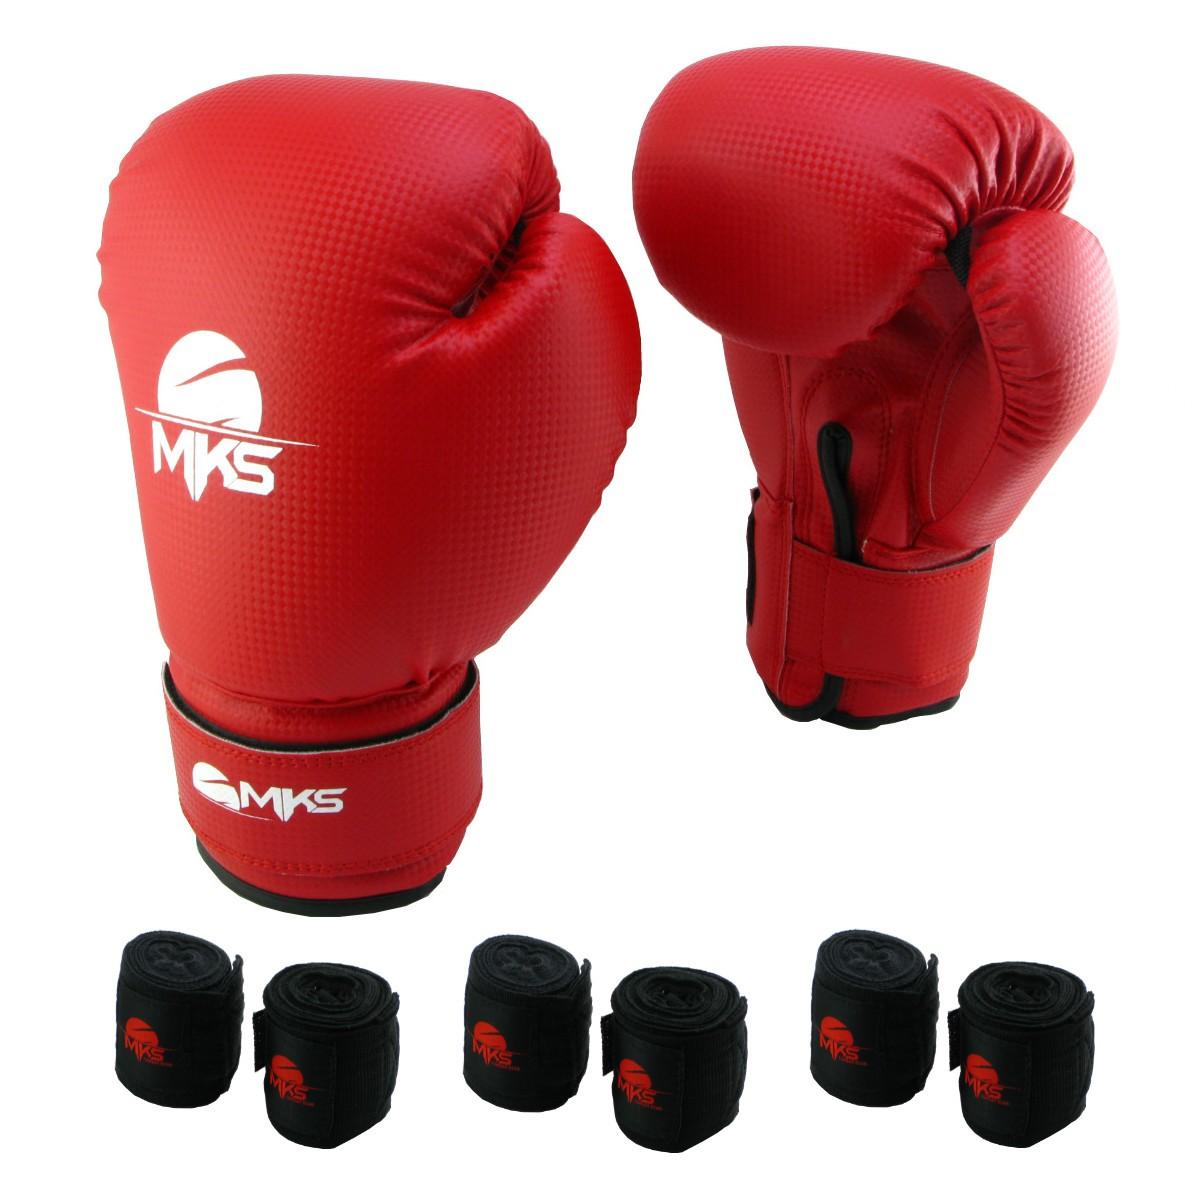 Luva de Boxe Prospect MKS Vermelha 12 oz +  03 bandagem